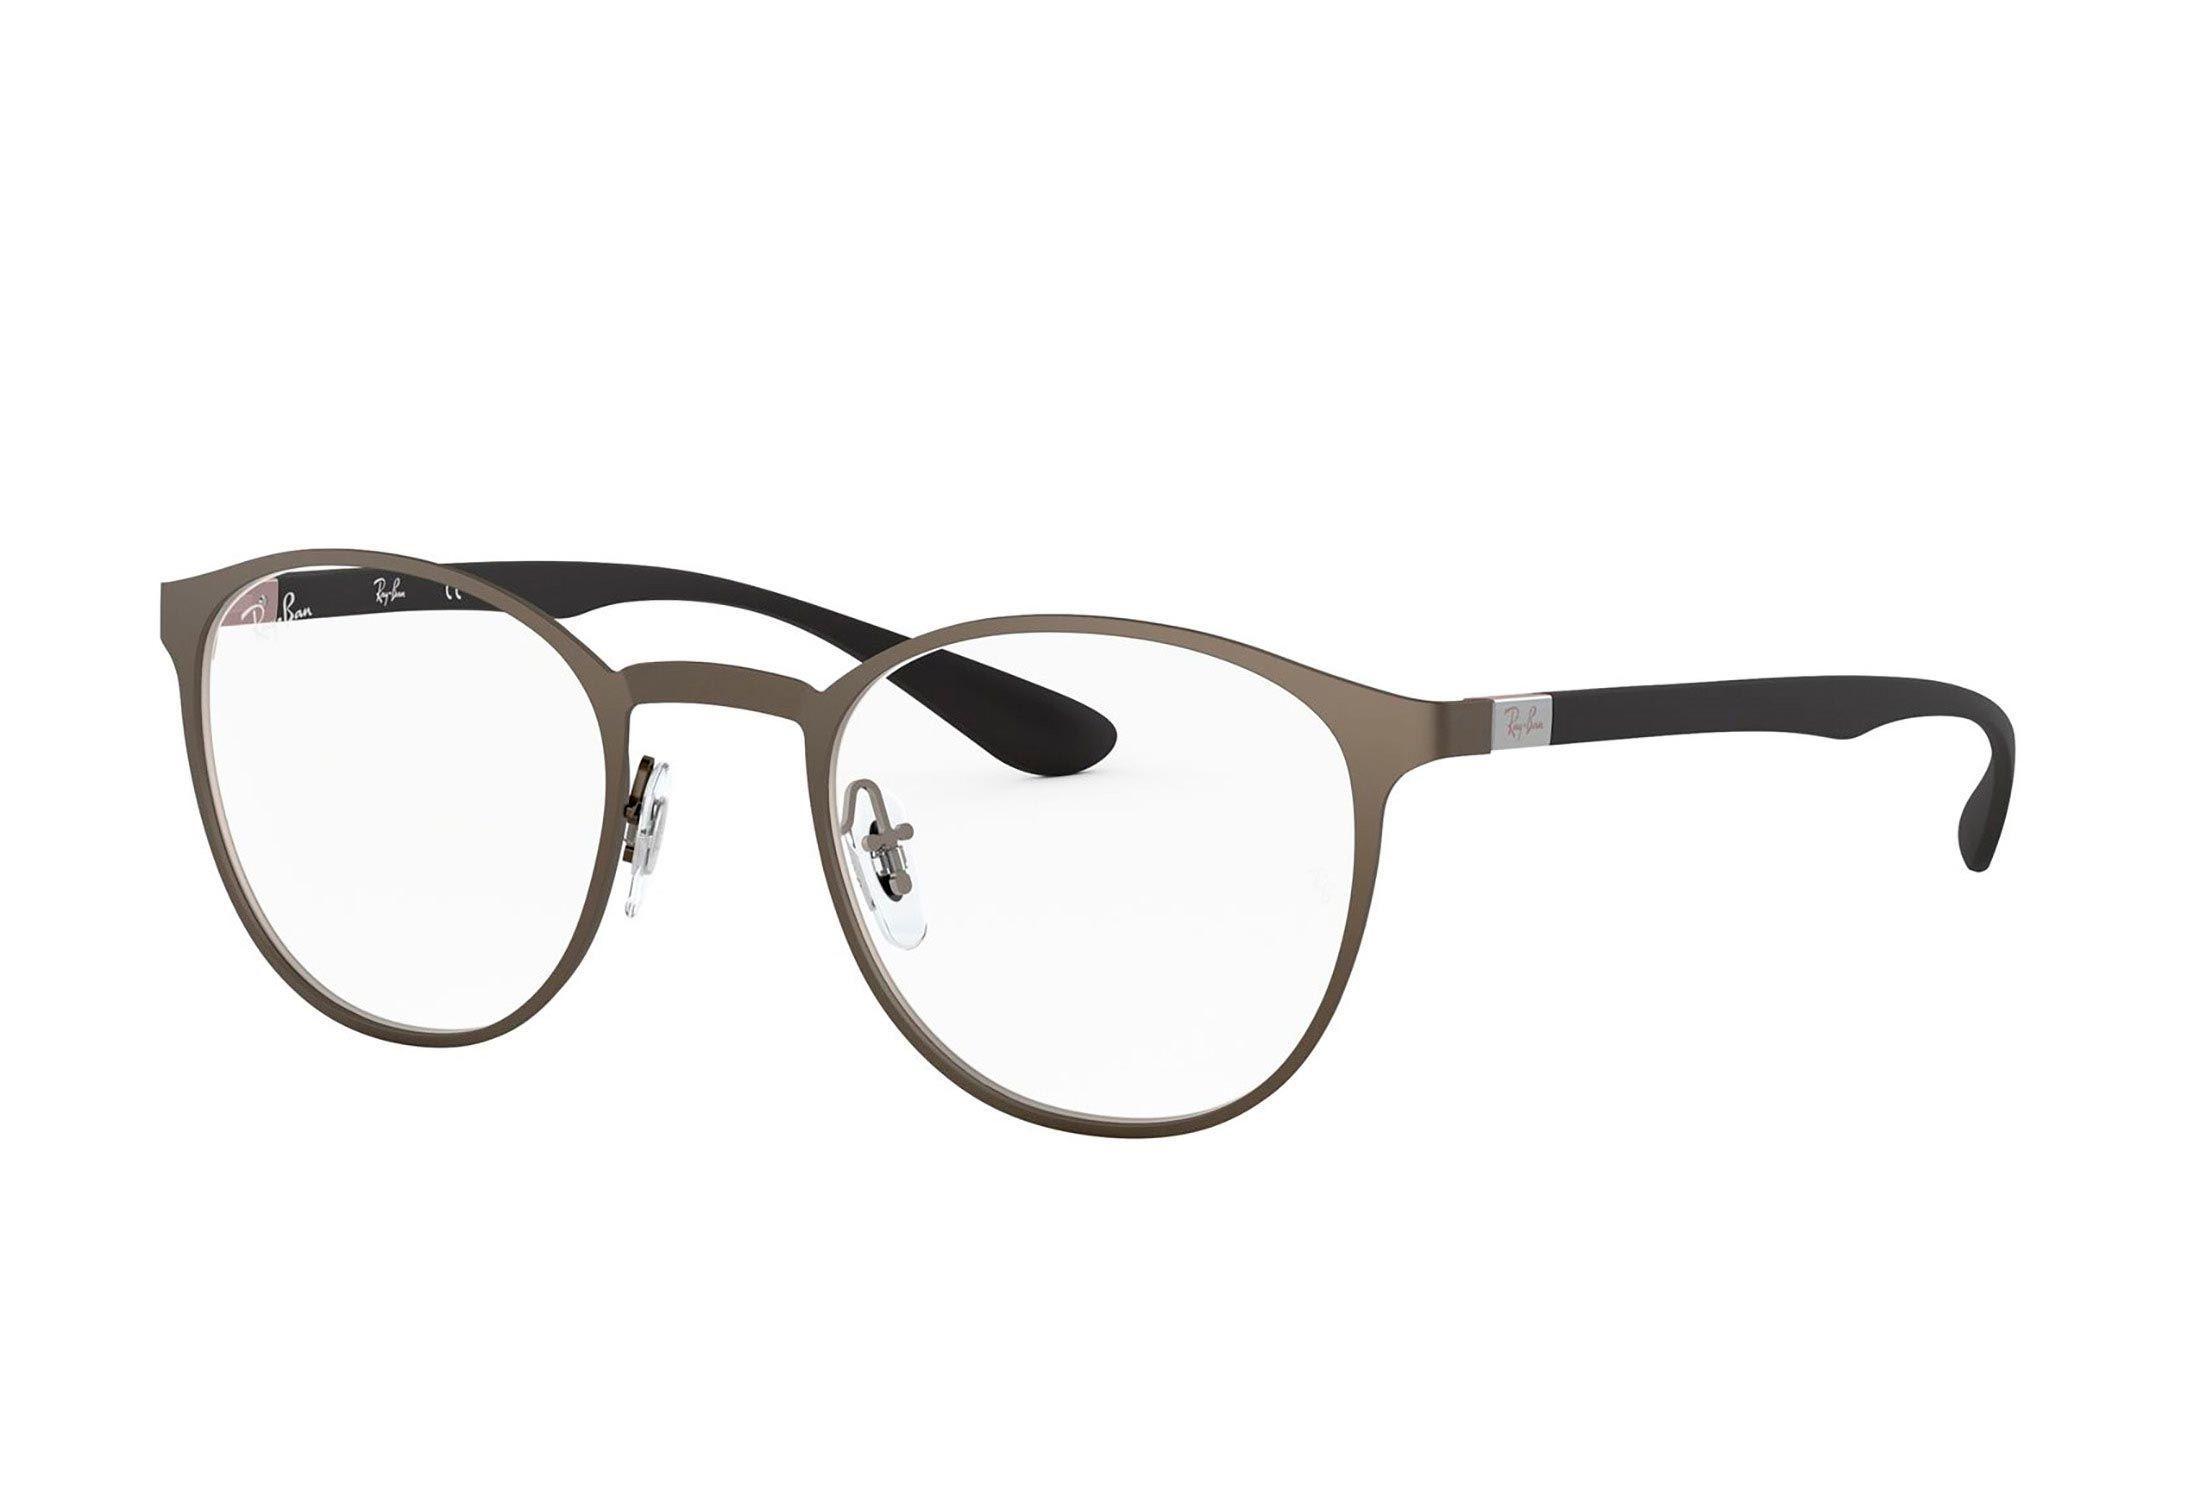 e261172732 Ray-Ban rb6355 Prescription Eyeglasses